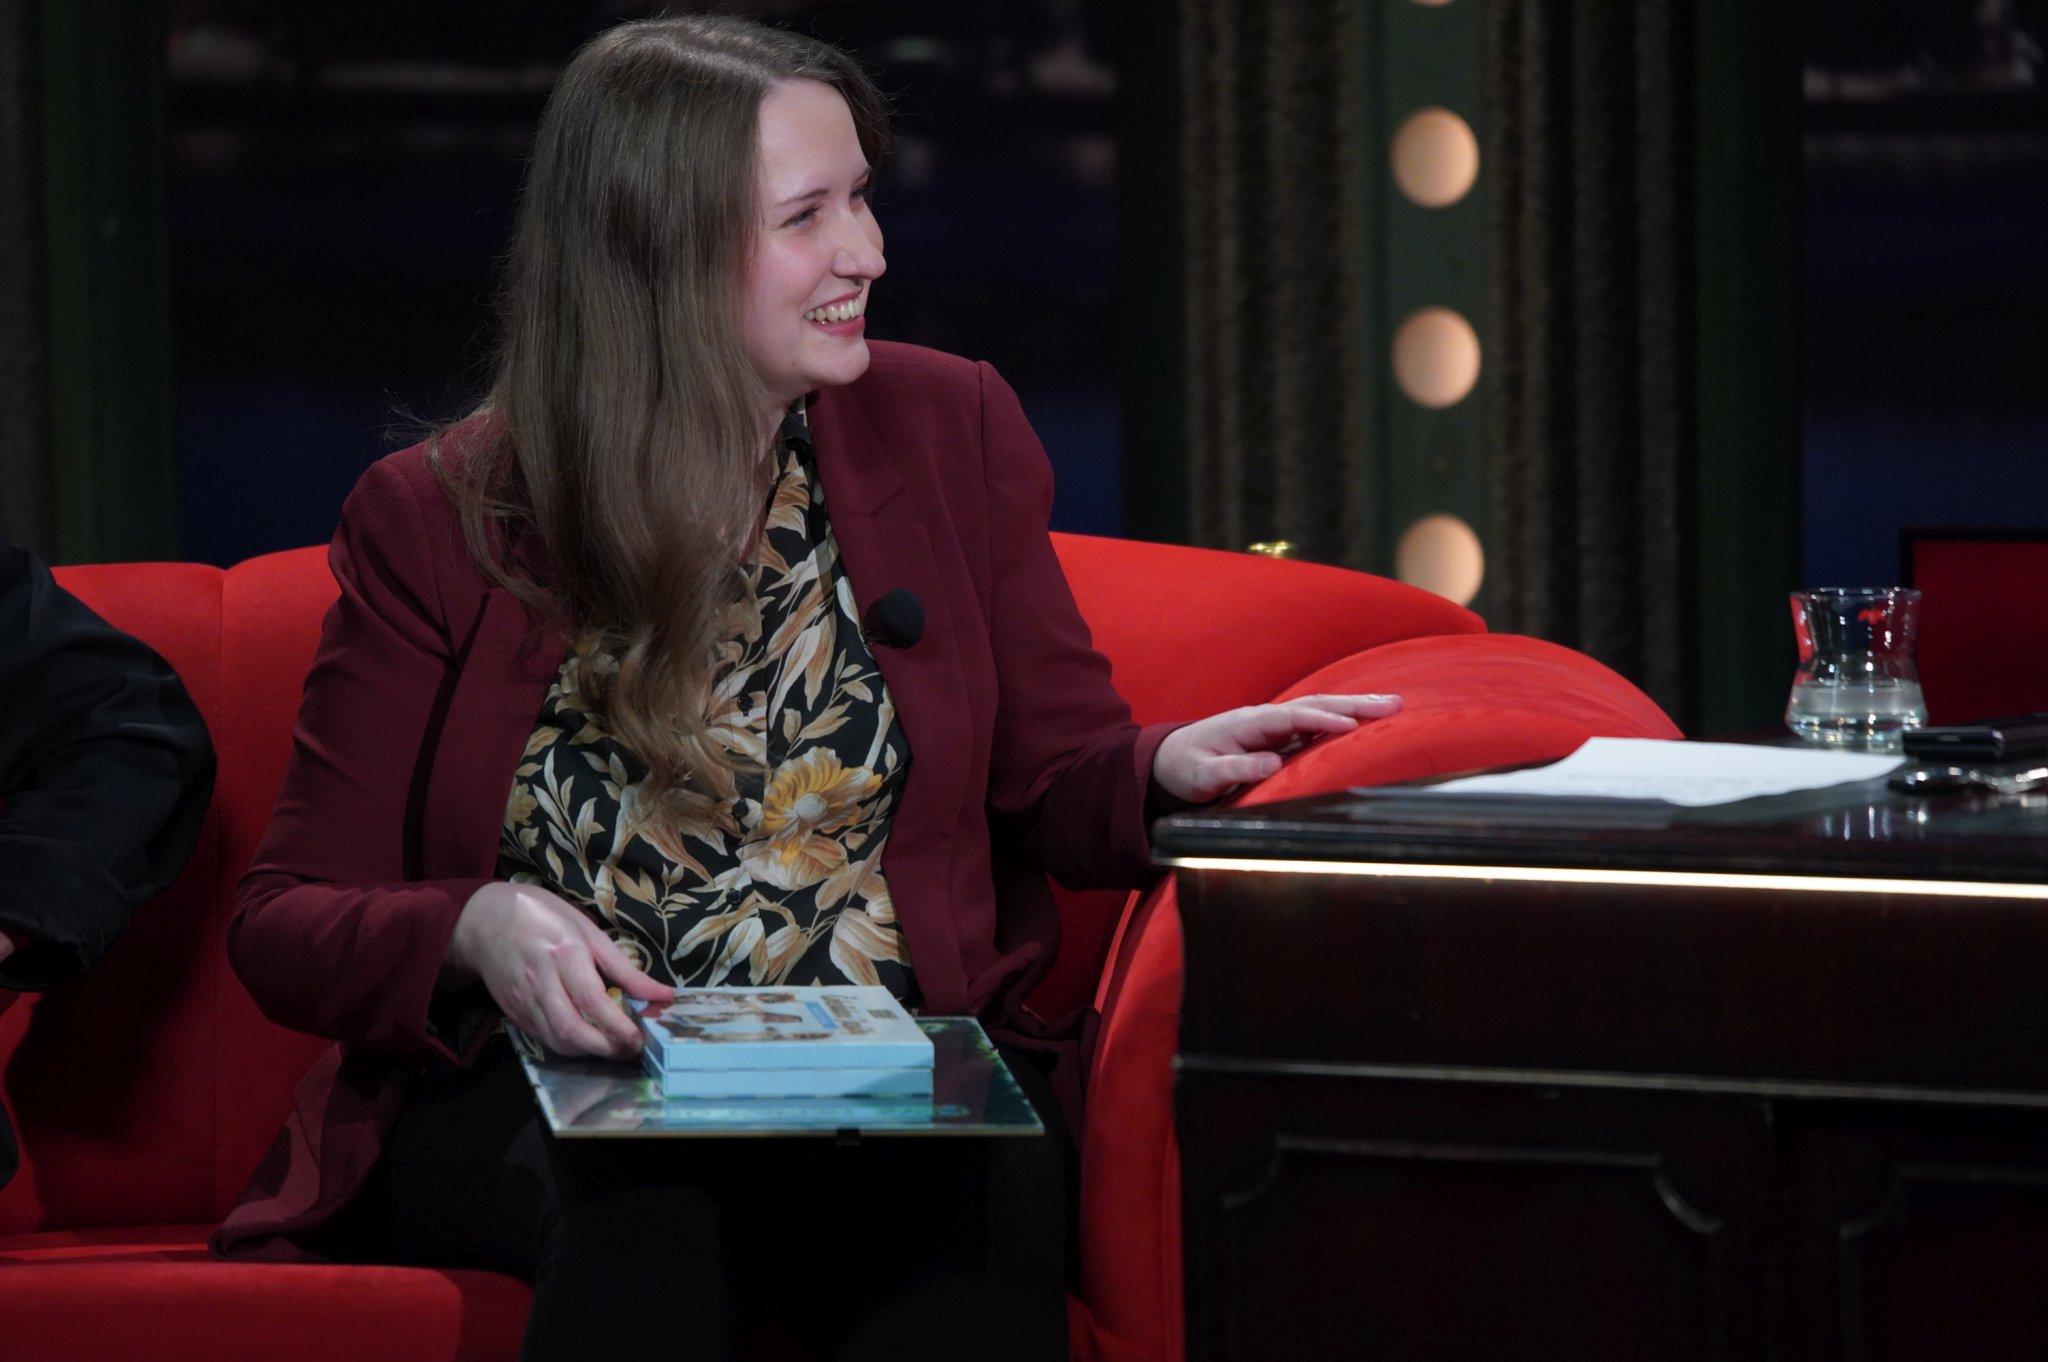 Majitelka kočičí polepšovny Kateřina Štiblická v SJK 7. 4. 2021